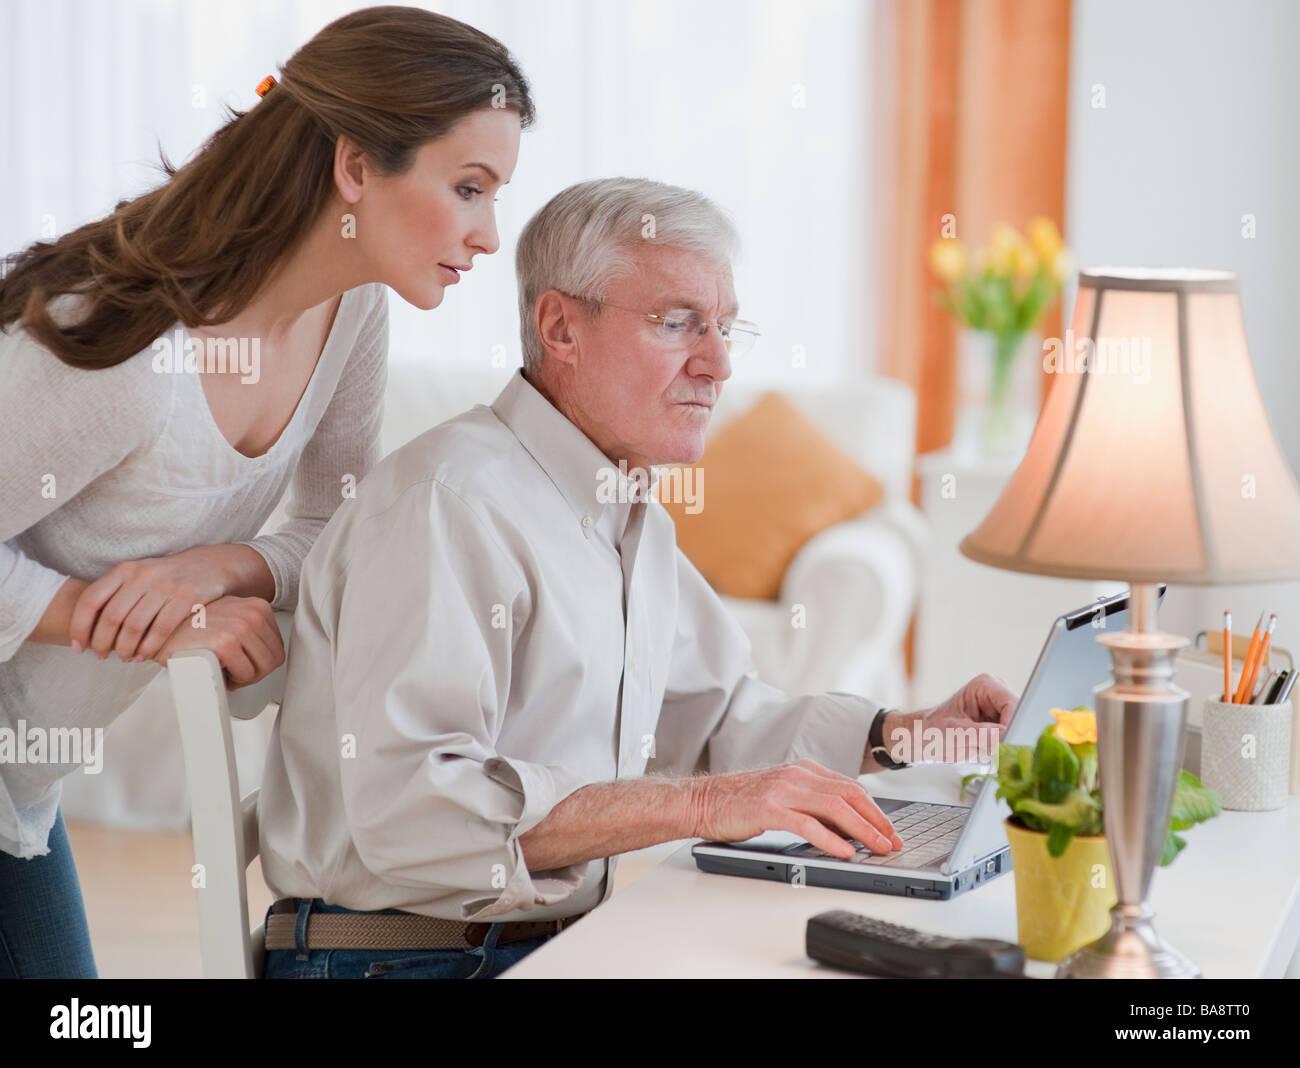 Figlia aiutando padre senior con il computer Immagini Stock